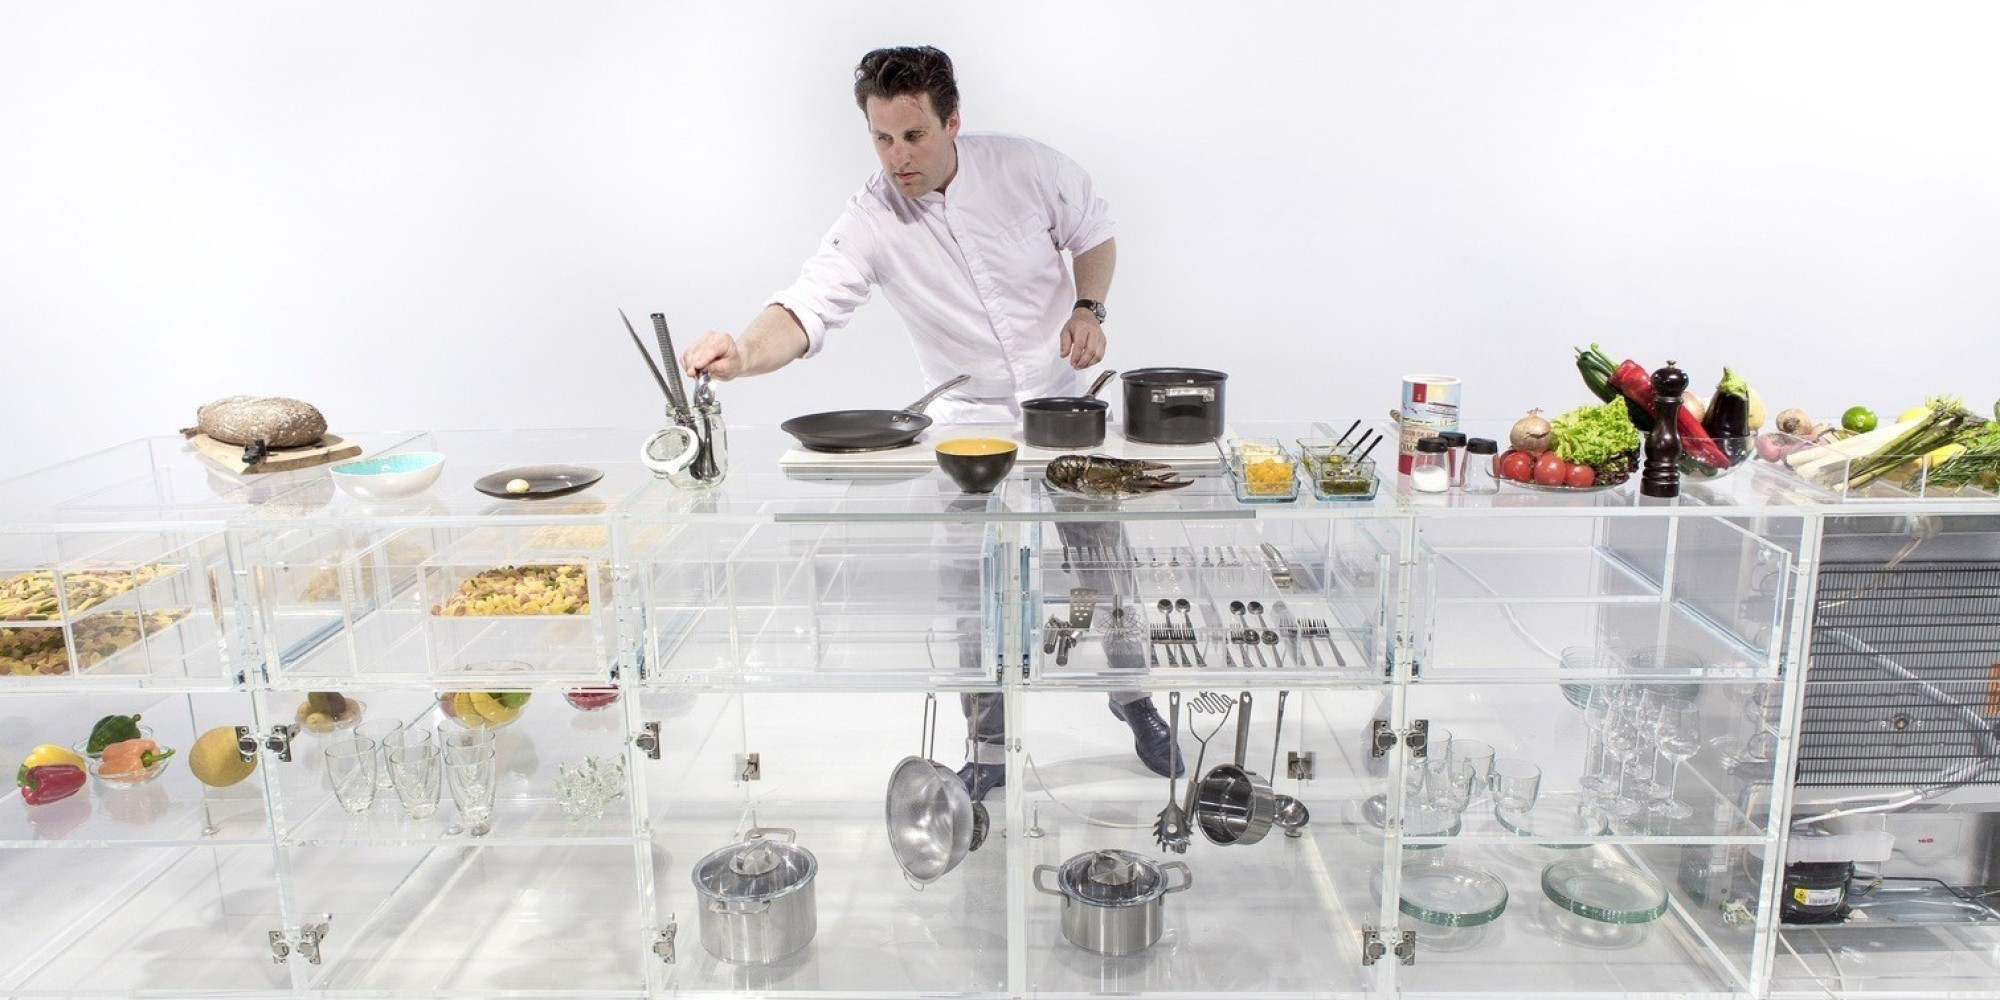 Photos une cuisine enti rement transparente ce qu 39 il ne for Cuisine qui ne ressemble pas a une cuisine